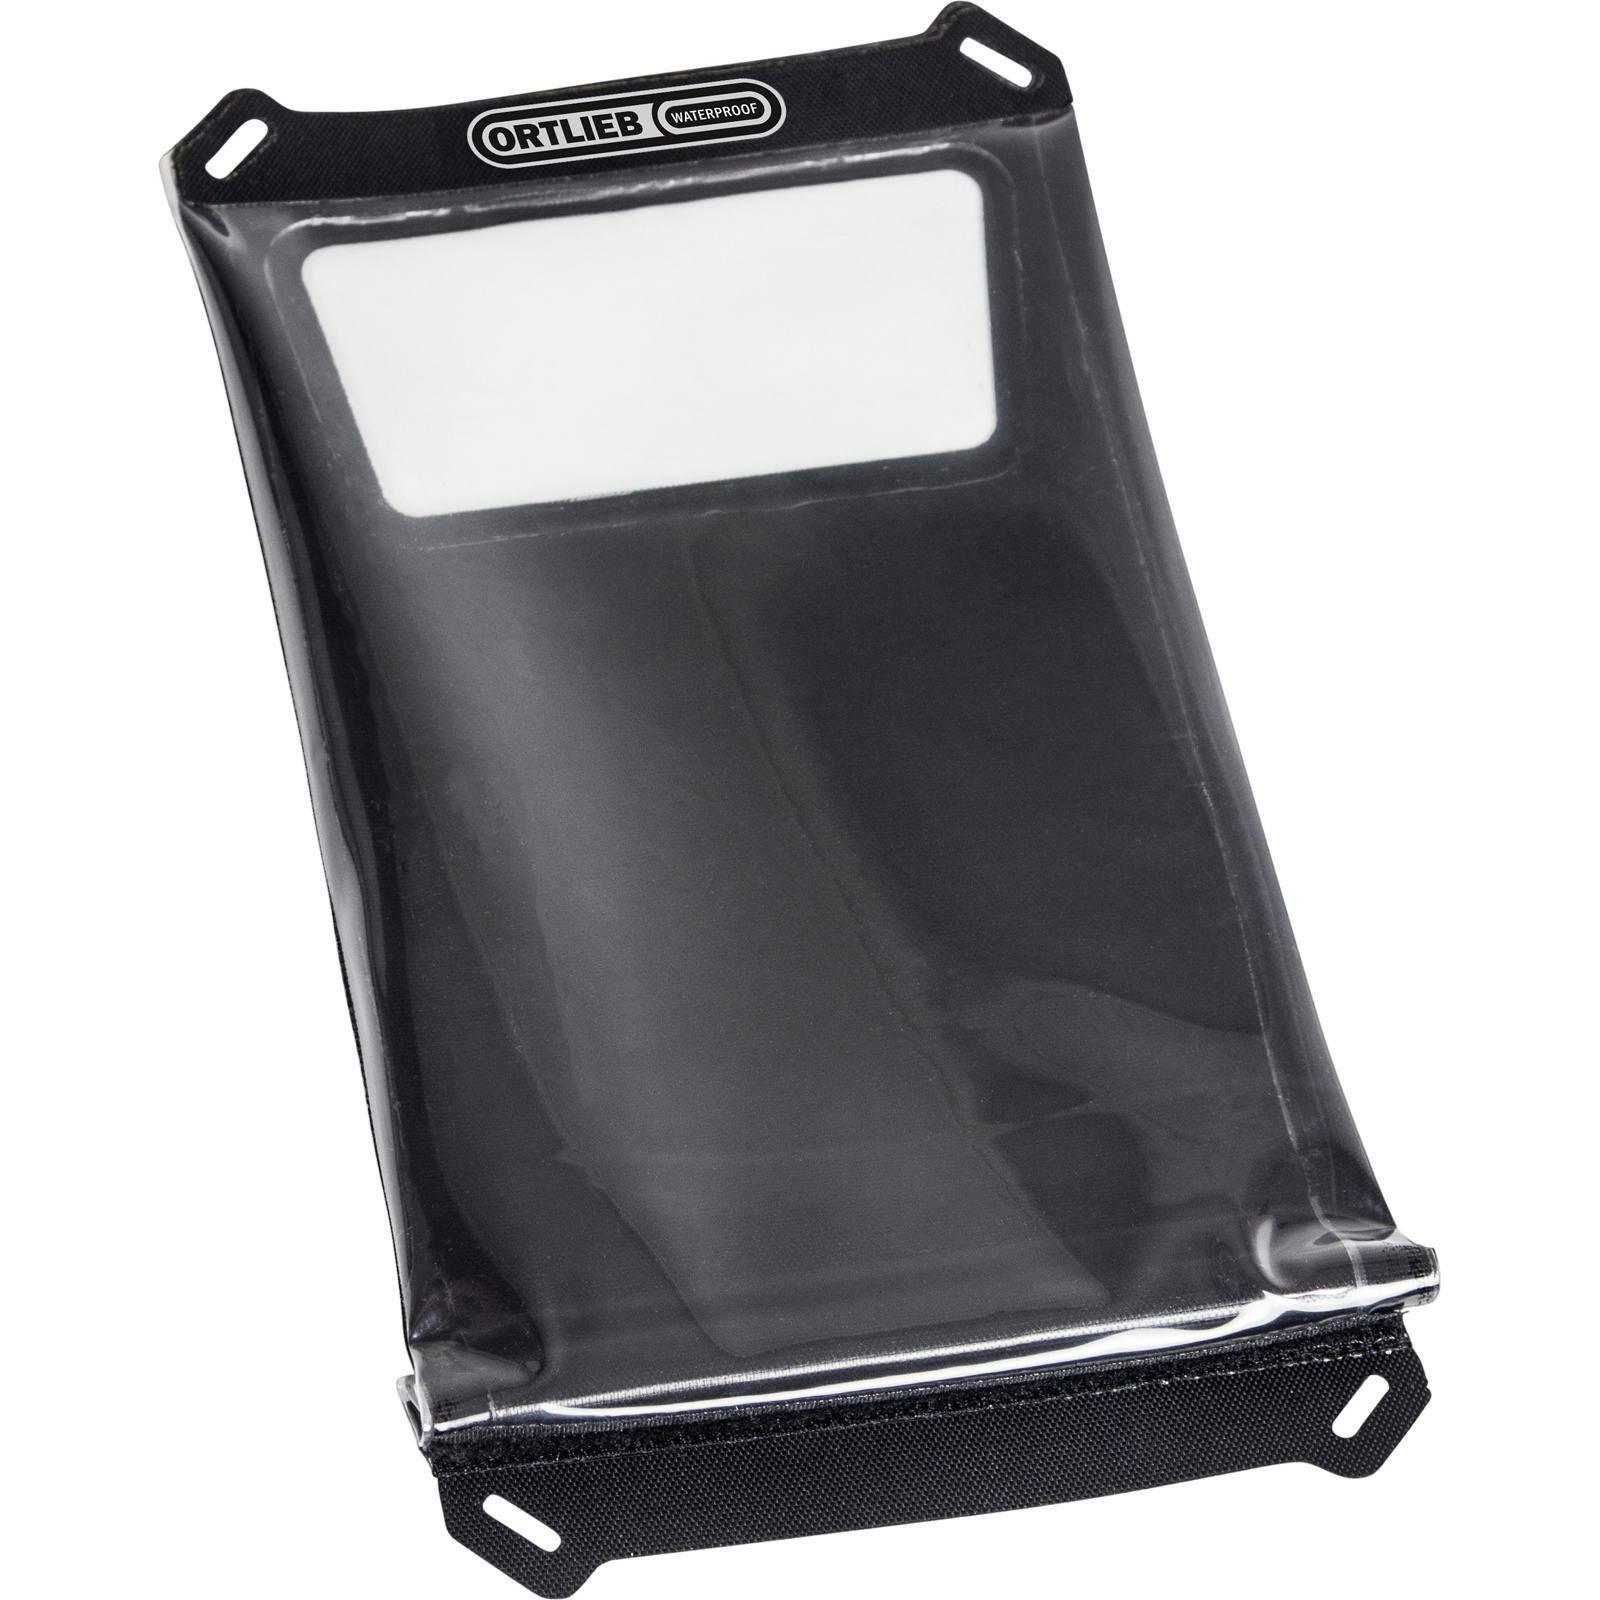 Ortlieb Safe-it S - Schutzhülle schwarz - Bild 1